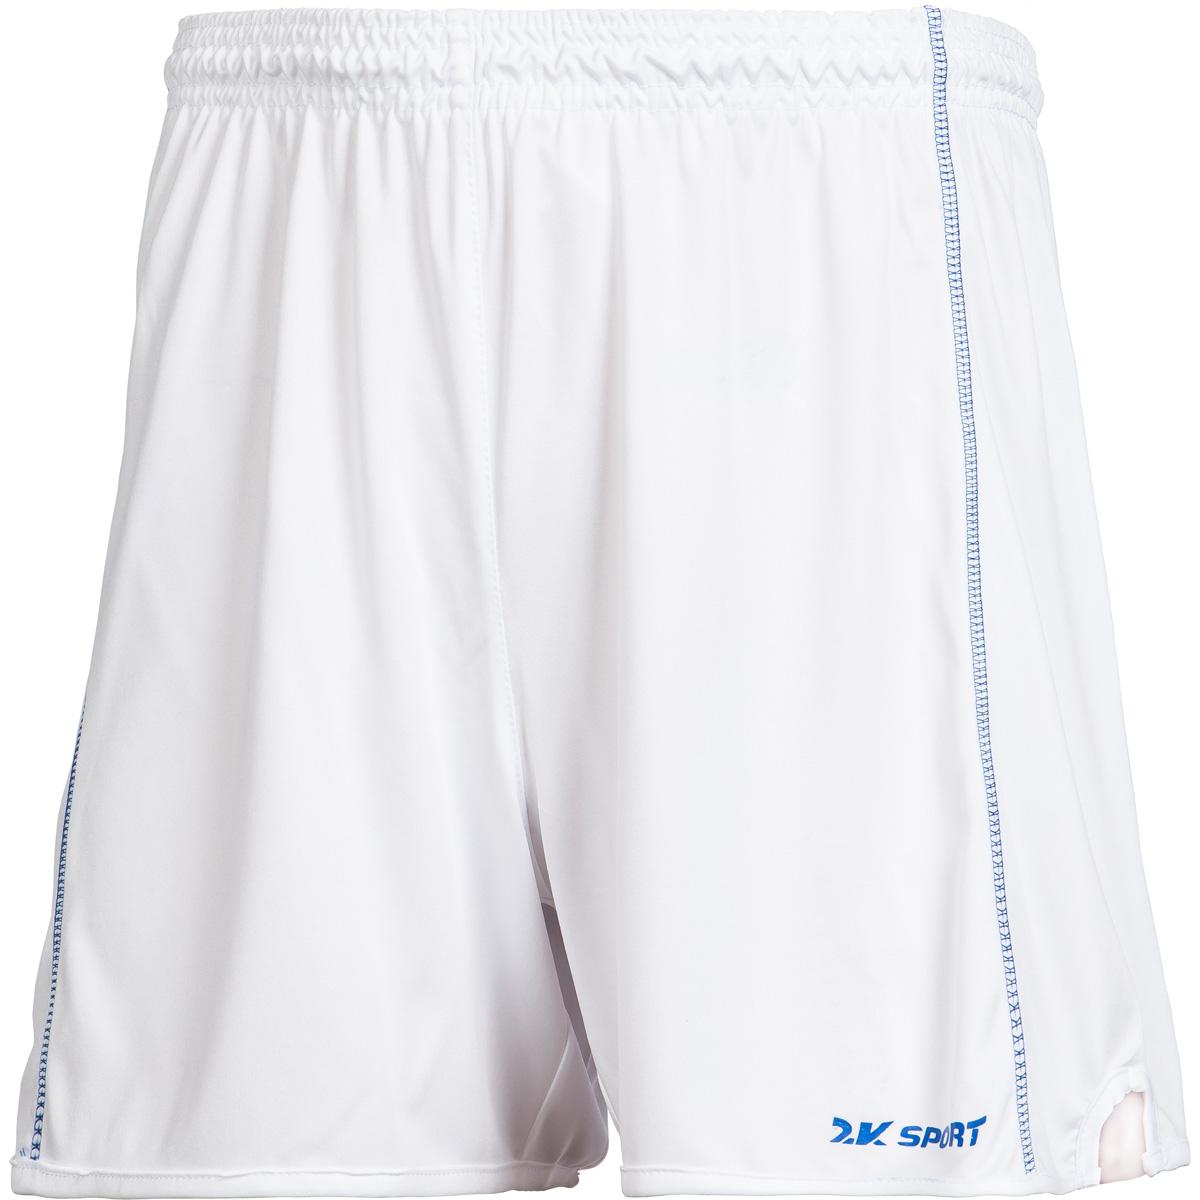 Шорты волейбольные мужские 2K Sport Energy, цвет: белый. 140041. Размер S (46)140041_whiteВолейбольные шорты с контрастными полосами по бокам. Изготовлены из ткани повышенной прочности, дополнены эластичным поясом со шнурками.